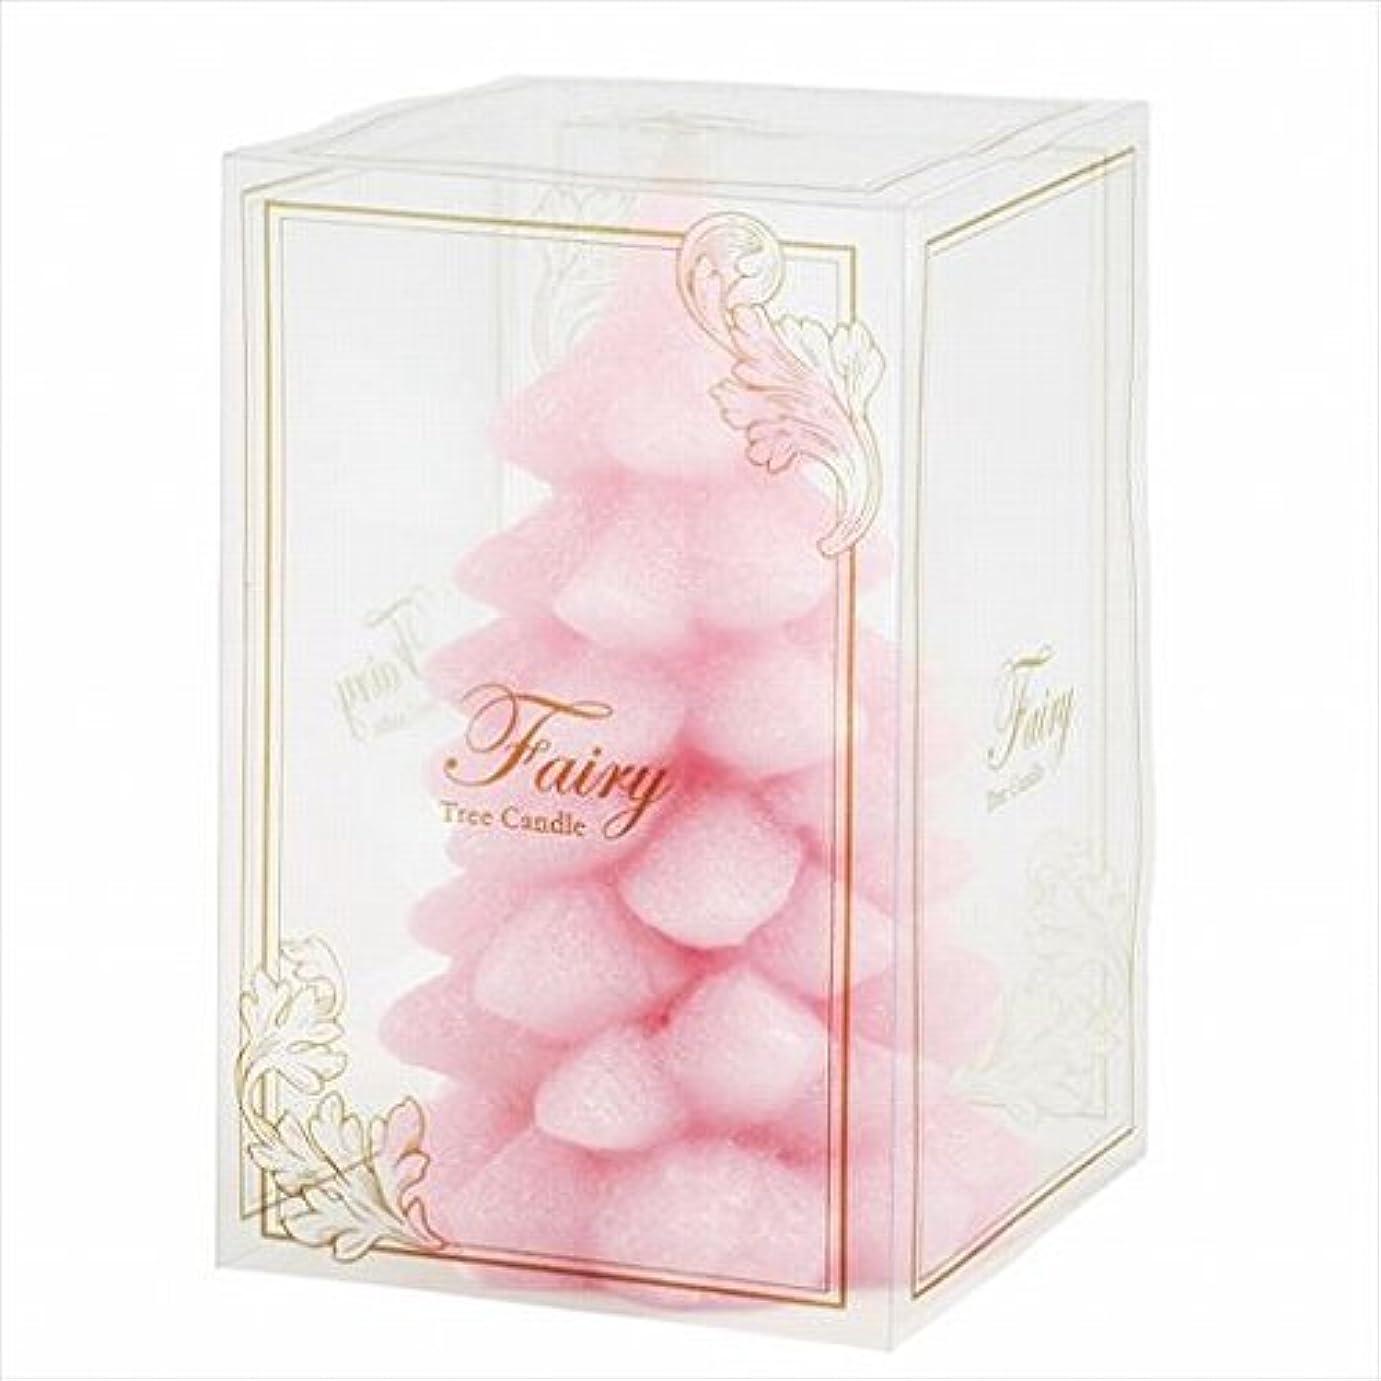 自動的に解体する地下カメヤマキャンドル(kameyama candle) フェアリーツリーL 「 ピンク 」